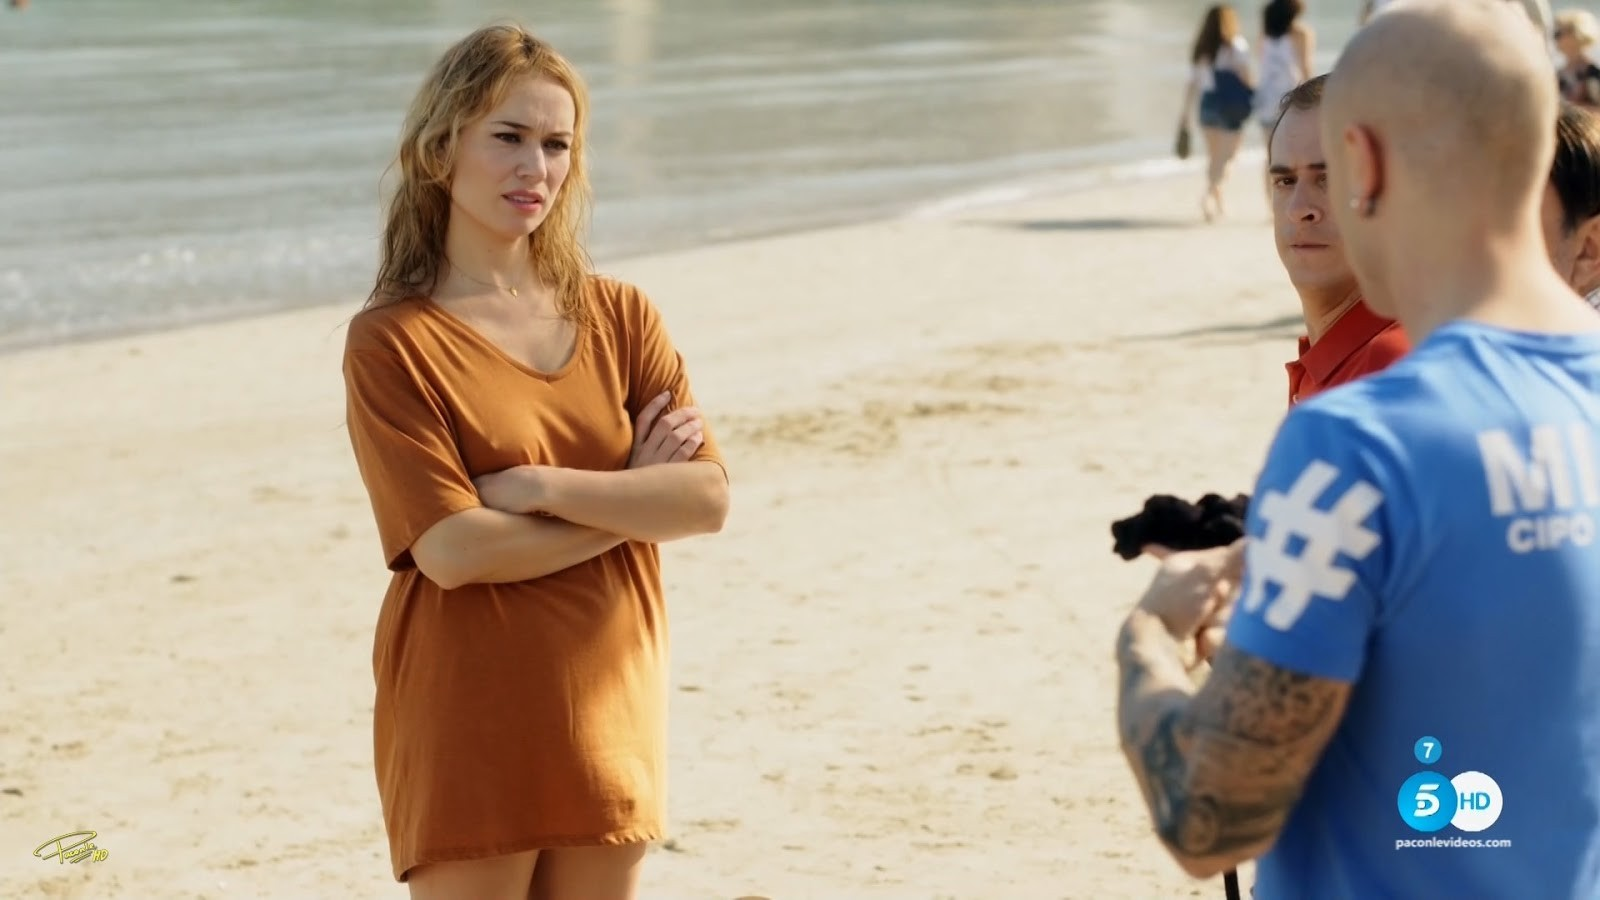 2 jovencitas de pezones duros en la playa 1 - 1 2